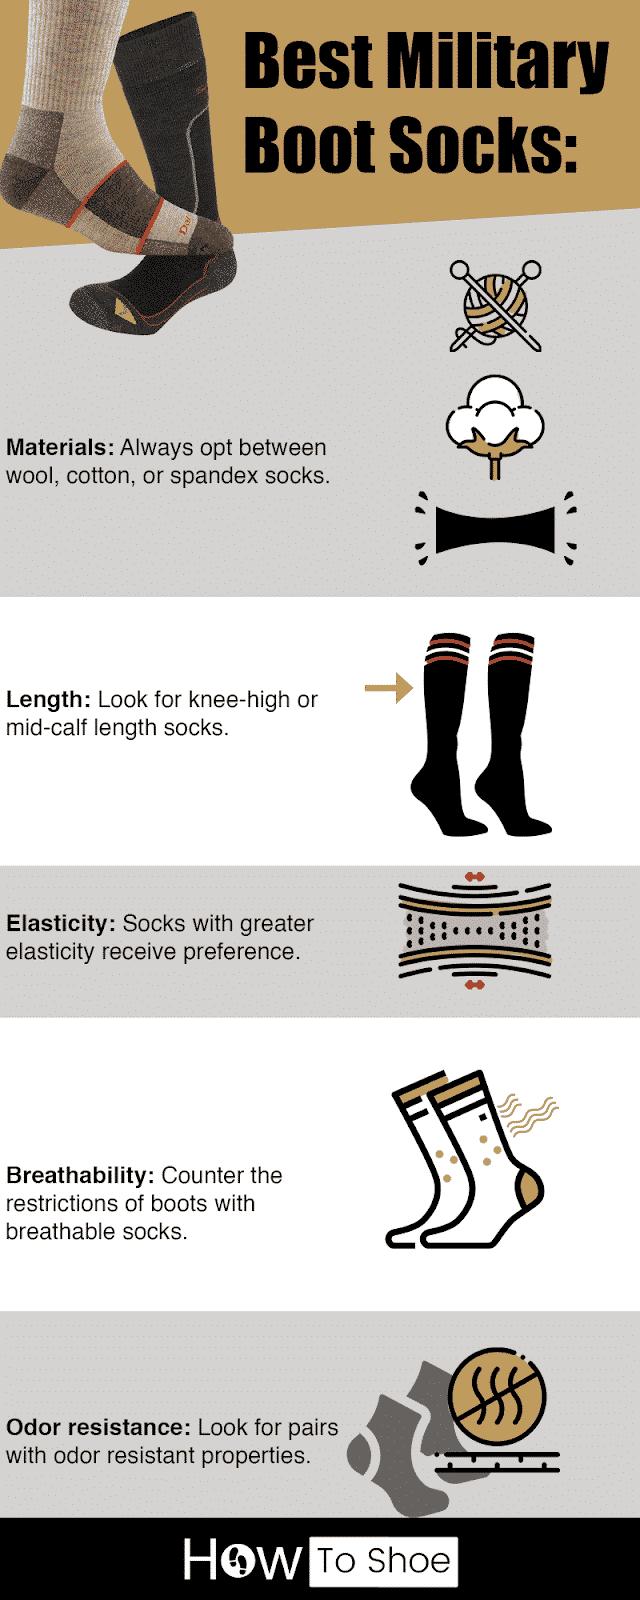 Best Military Boot Socks